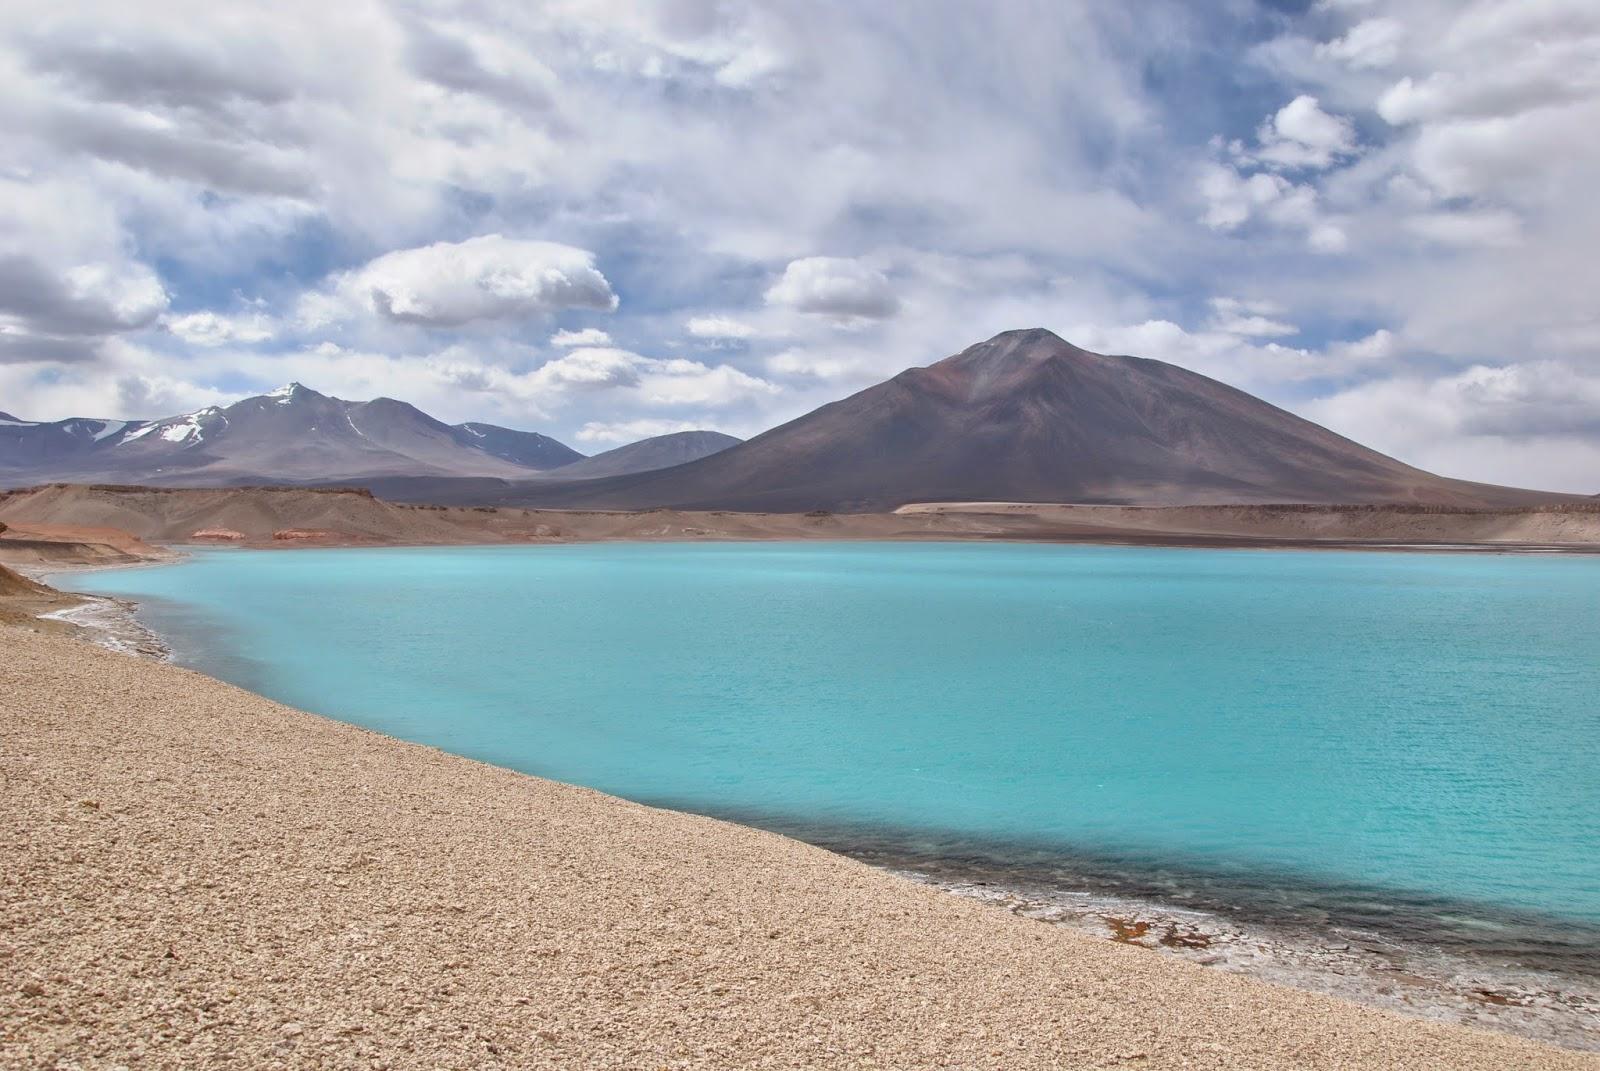 Laguna Verde et Volcan Ojo del Salado - Chili